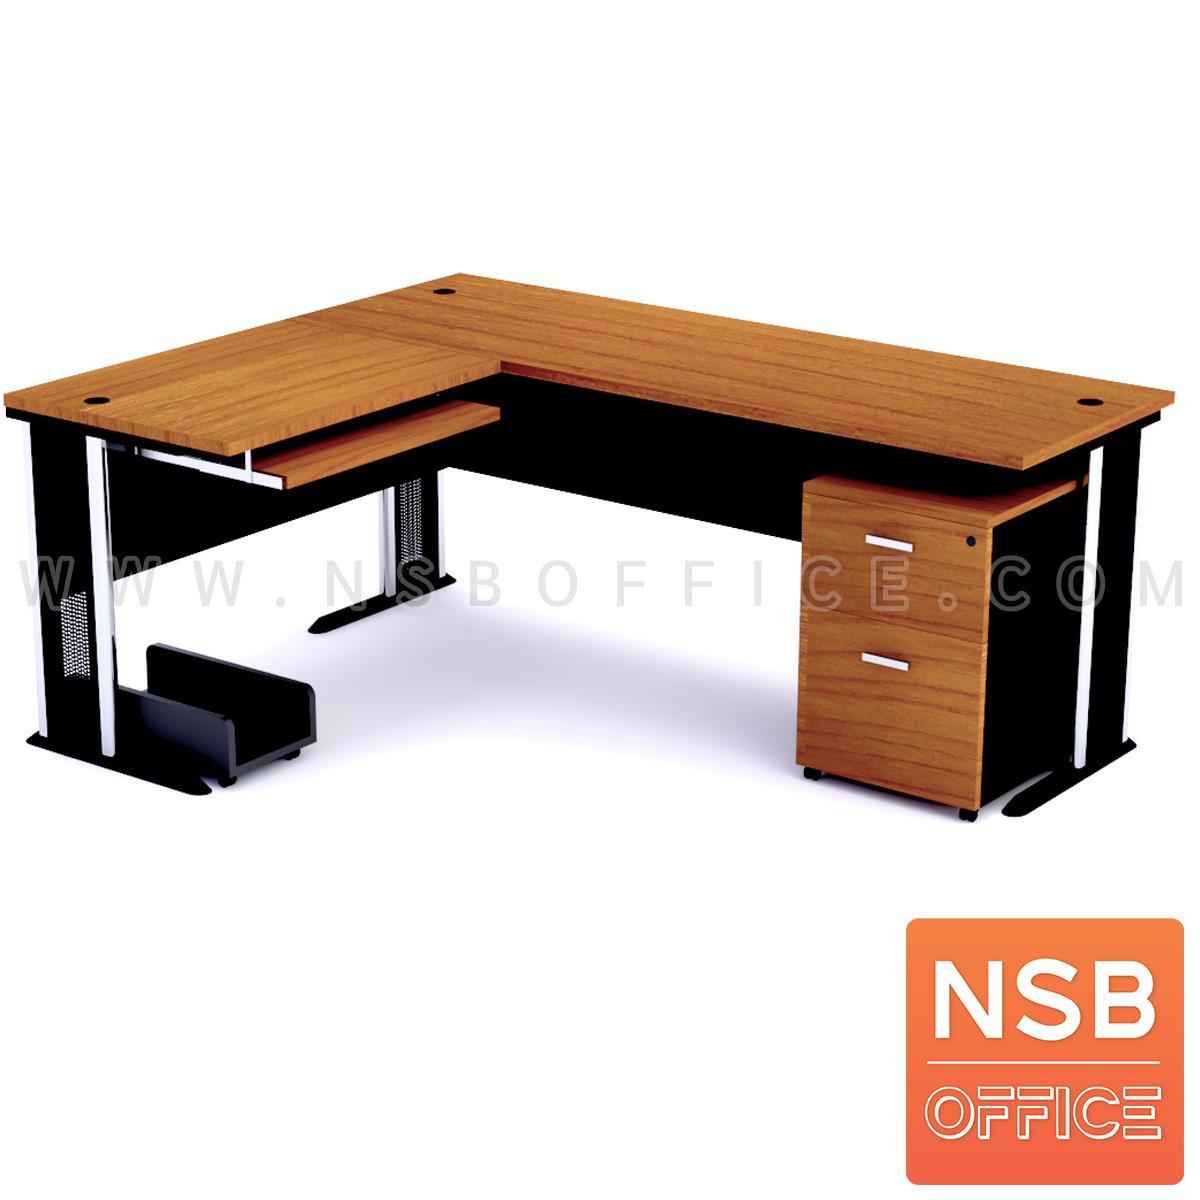 A13A029:โต๊ะผู้บริหารตัวแอล   ขนาด 180W1*180W2 cm. ขาเหล็กโครเมี่ยมดำ สีเชอร์รี่ดำ